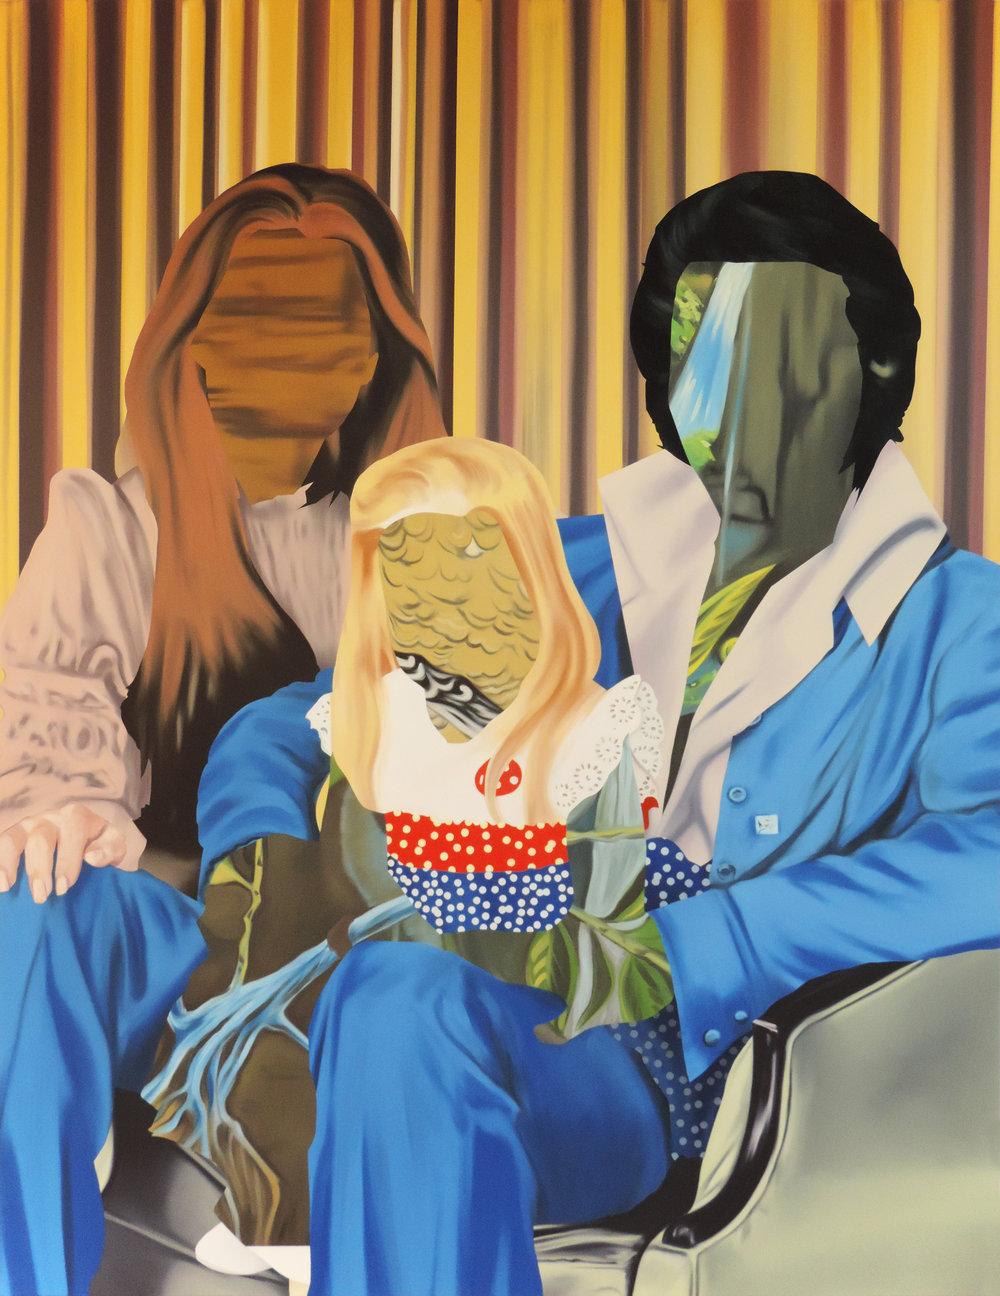 Replica I.  Oil on canvas, 198 x 152 cm. 2017